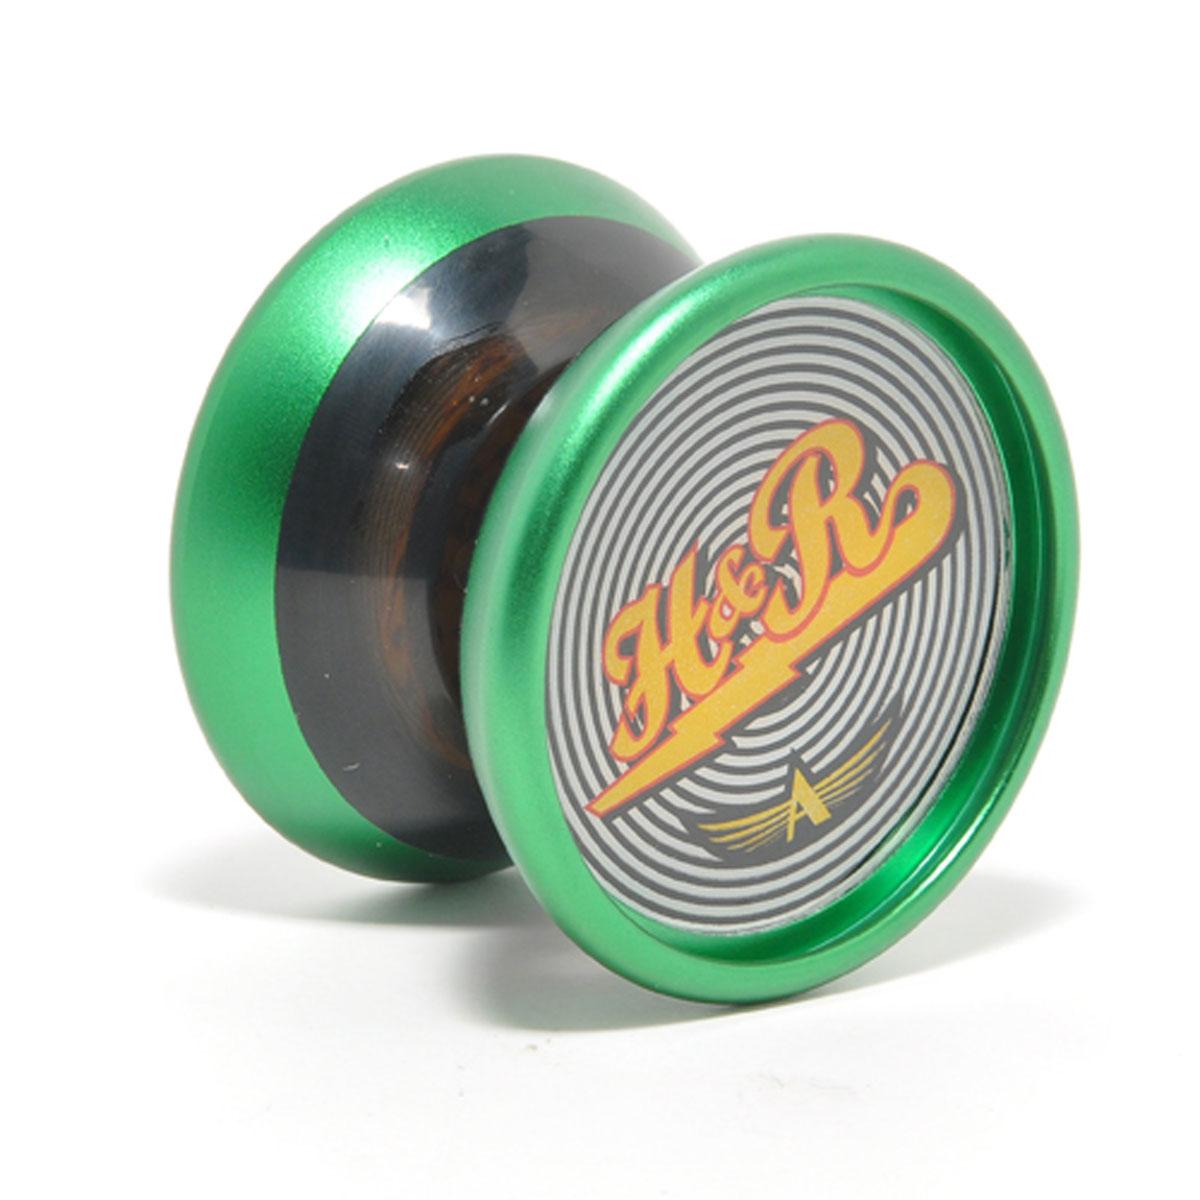 Aero-Yo Йо-йо Hill & Rive цвет зеленый